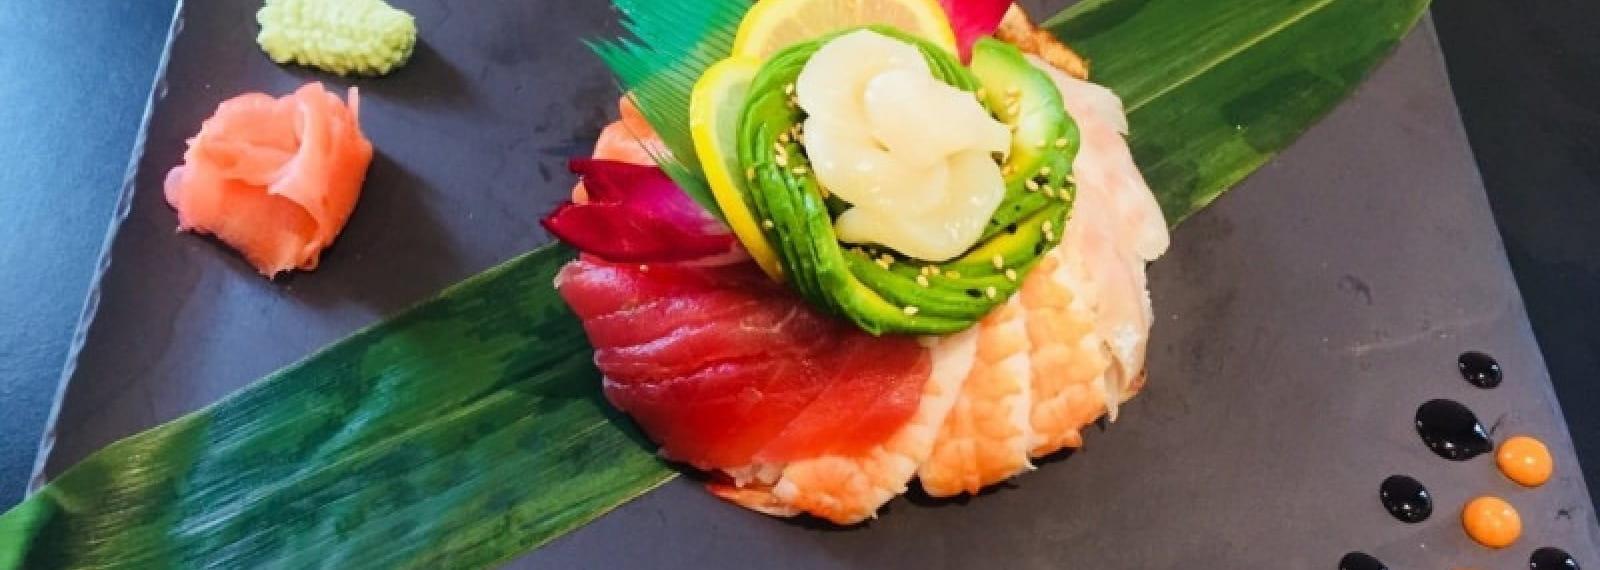 O-Sushi Bar à emporter